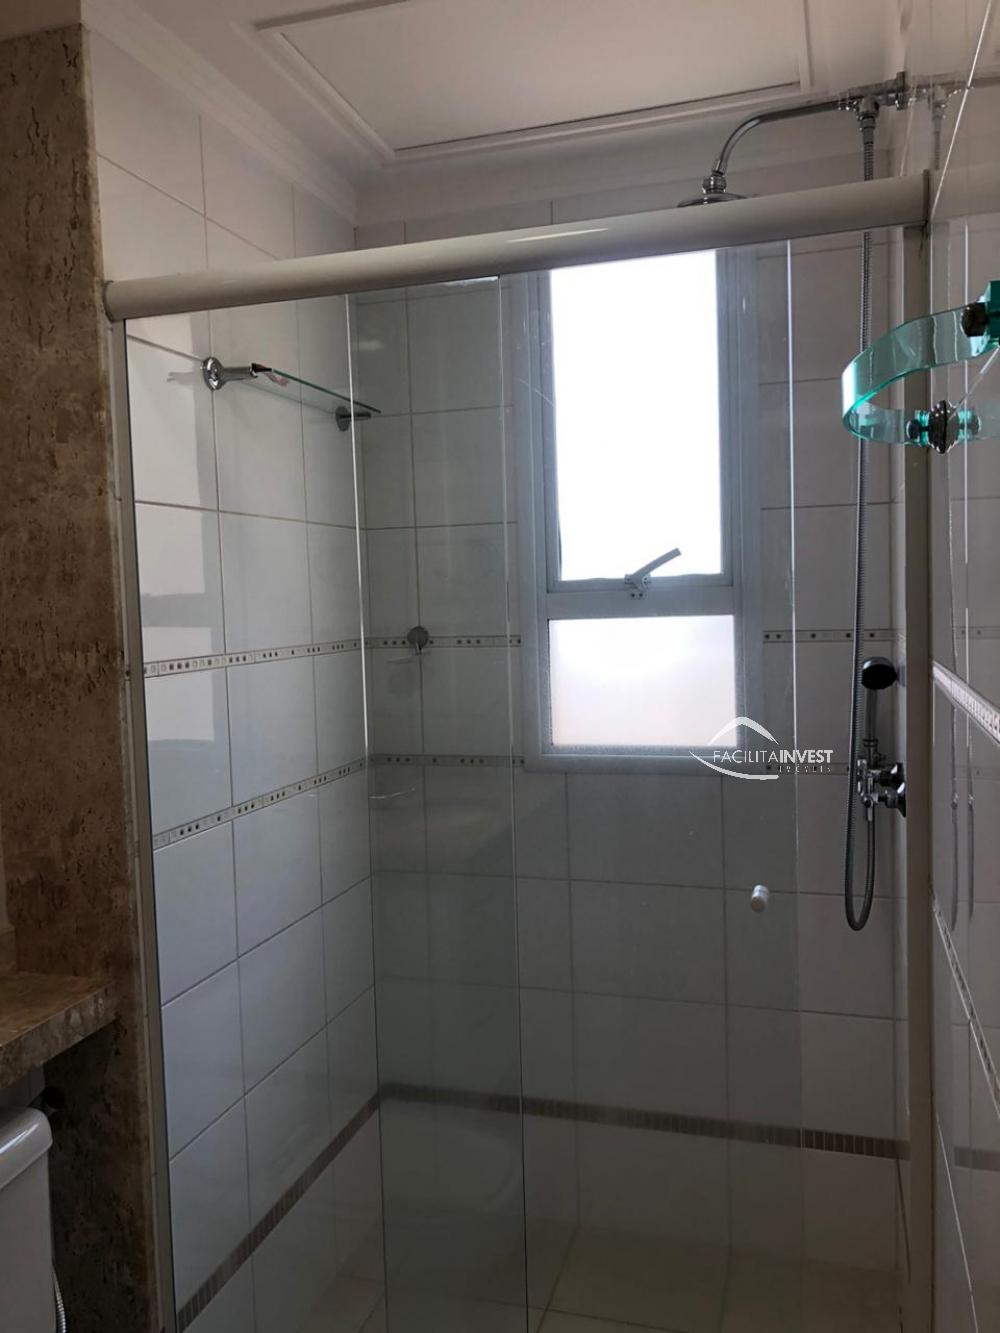 Alugar Apartamentos / Apart. Padrão em Ribeirão Preto apenas R$ 3.500,00 - Foto 21